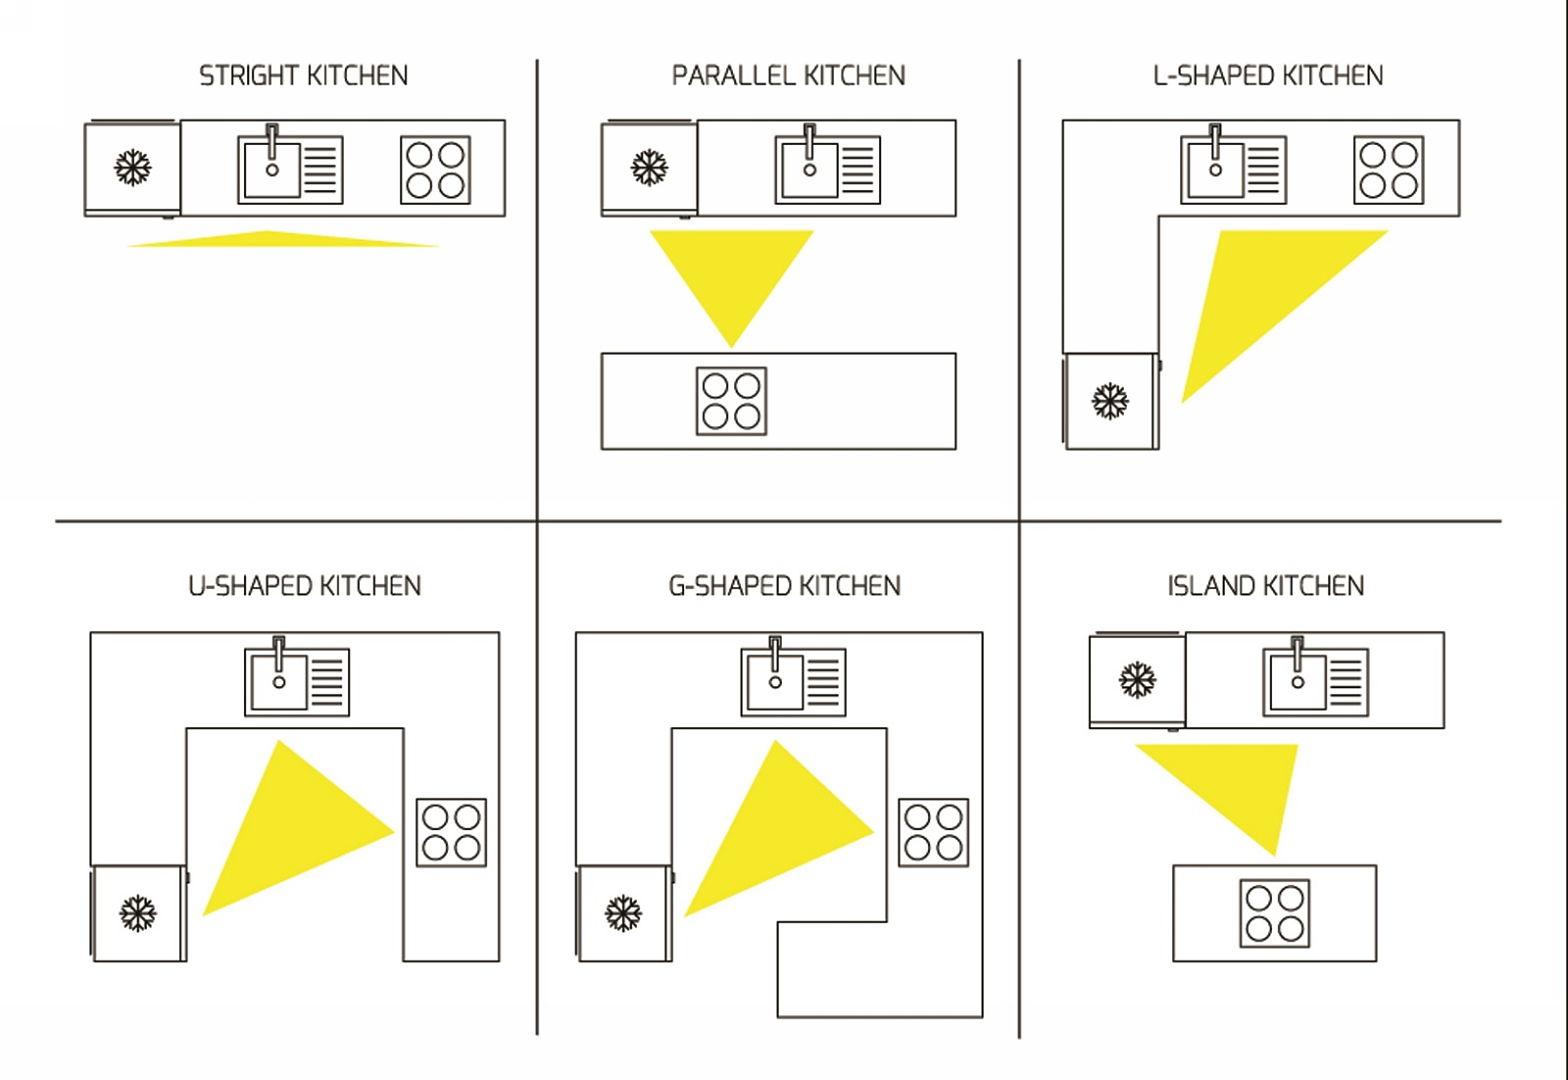 thiết kế phòng bếp chung cư - tam giác bếp